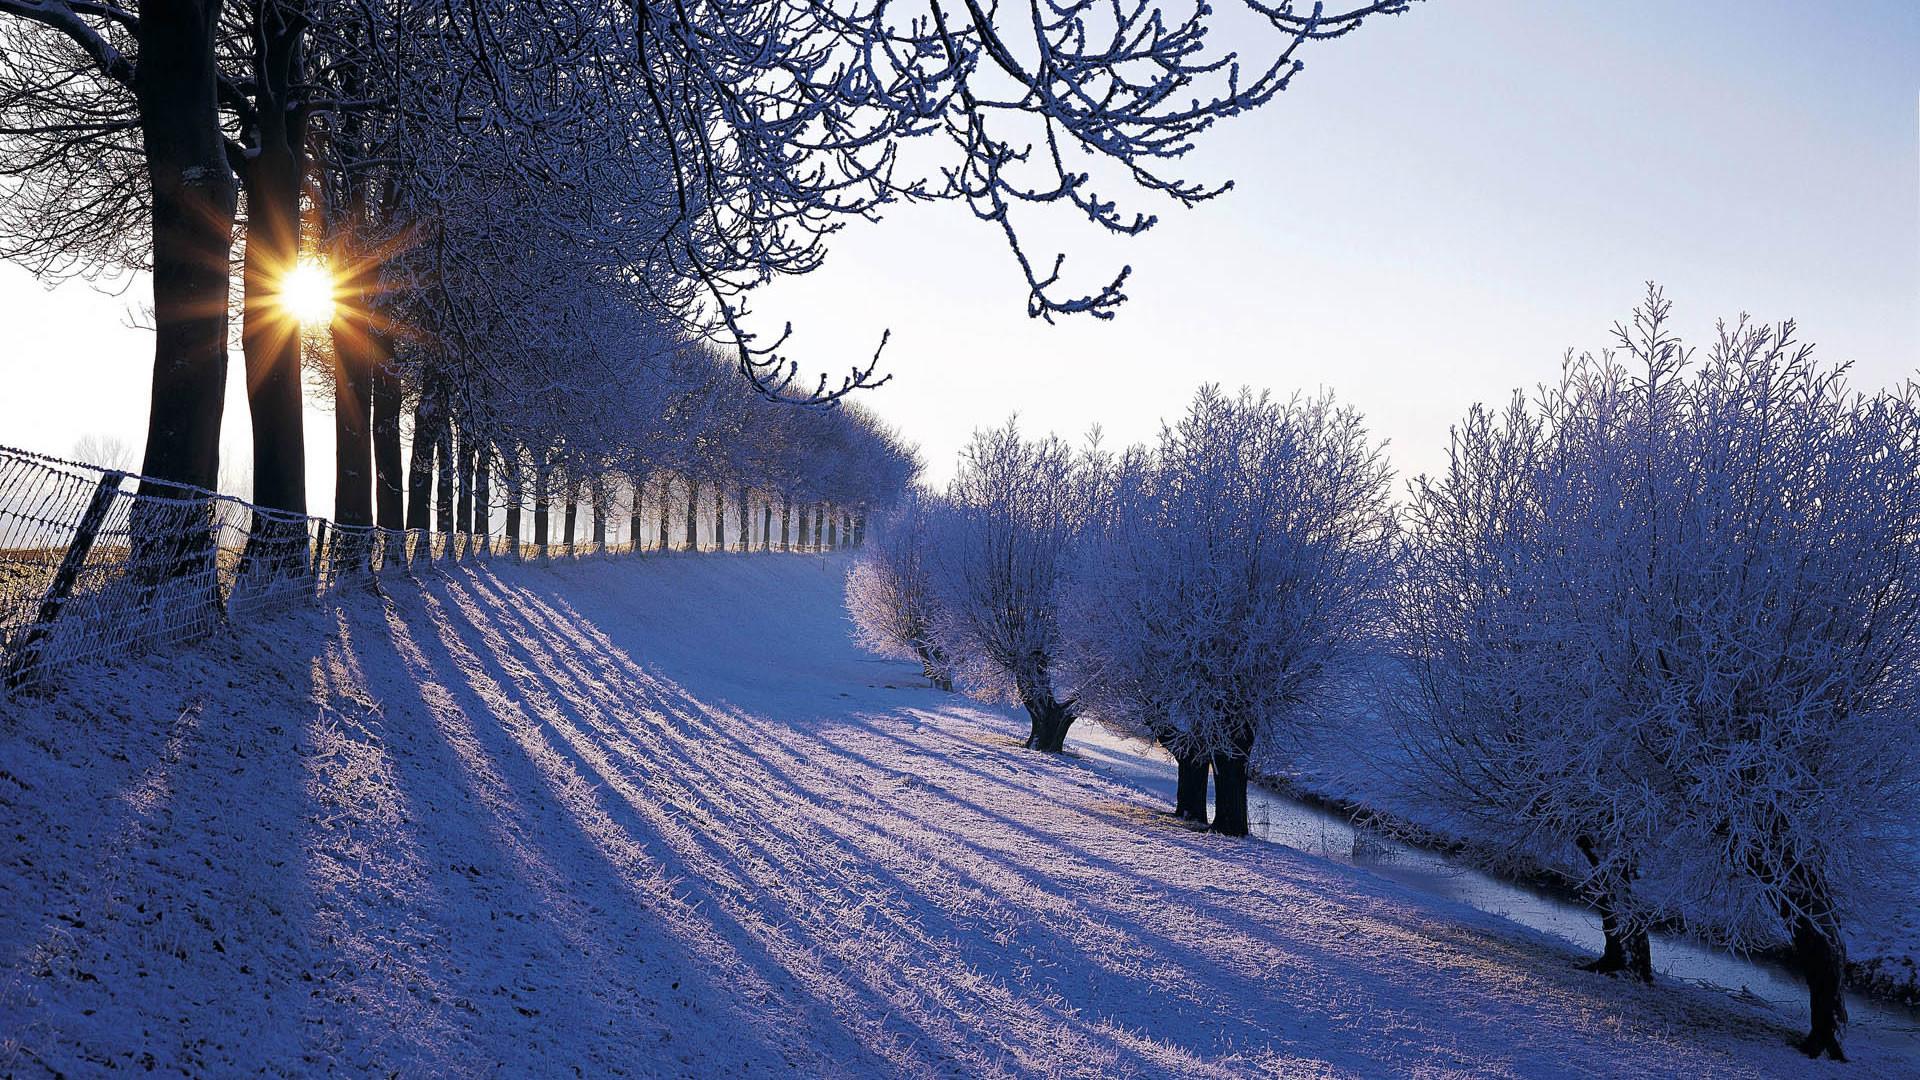 1920x1080 Winter Scenes Desktop Wallpaper, Winter Scenes Backgrounds